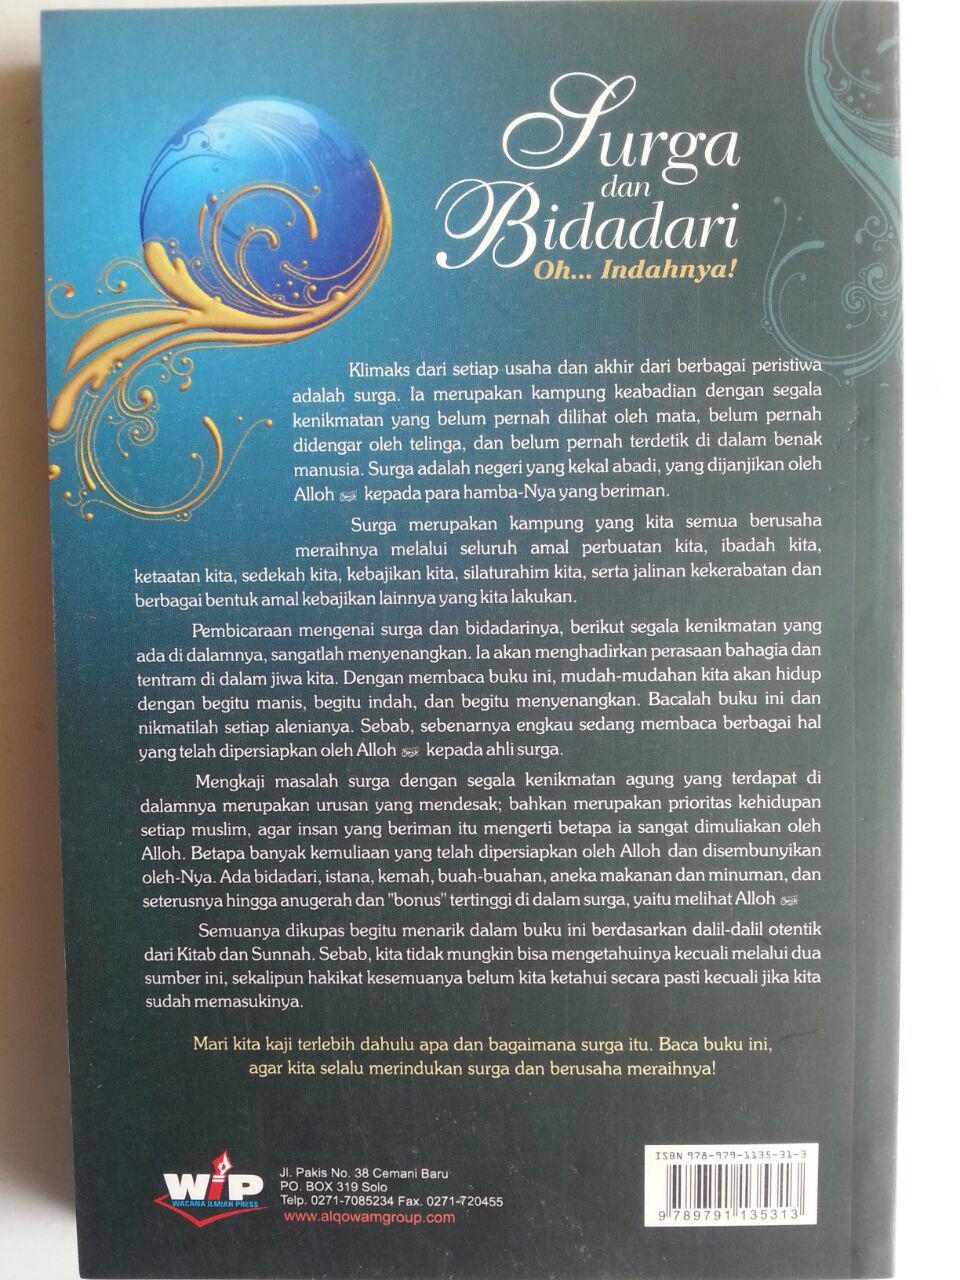 Buku Surga Dan Bidadari Oh... Indahnya cover